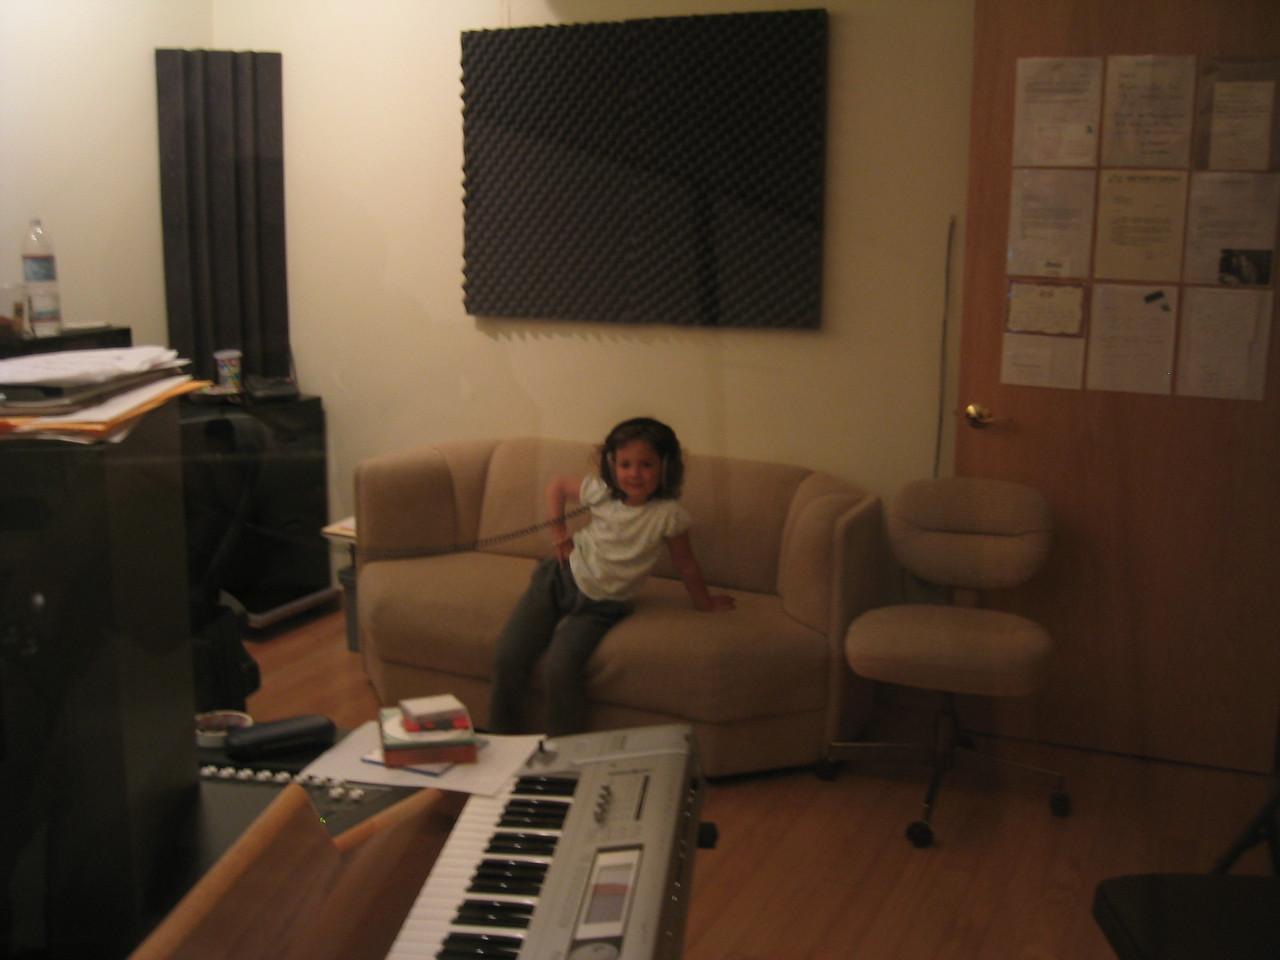 Cloe poses with headphones